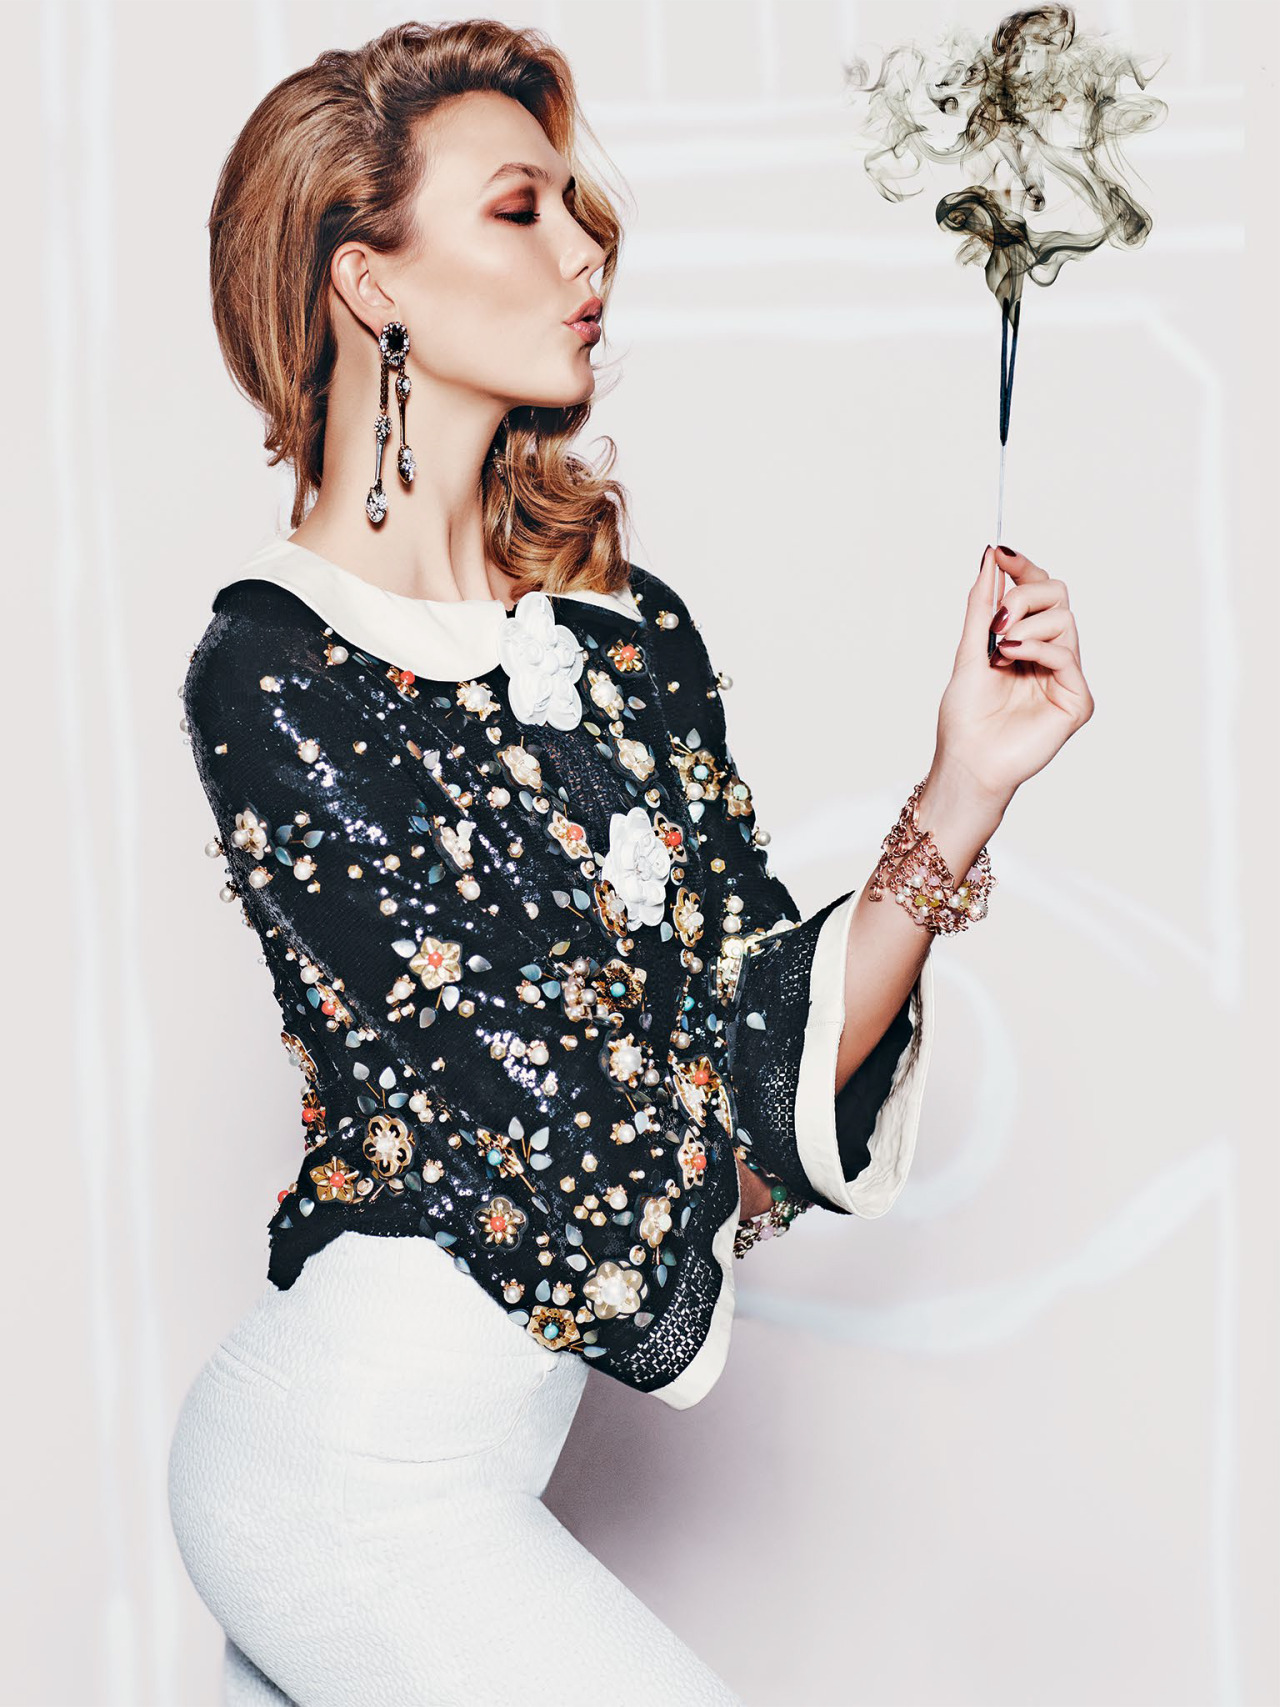 Karlie Kloss for Vogue Mexico december 2015 - 6